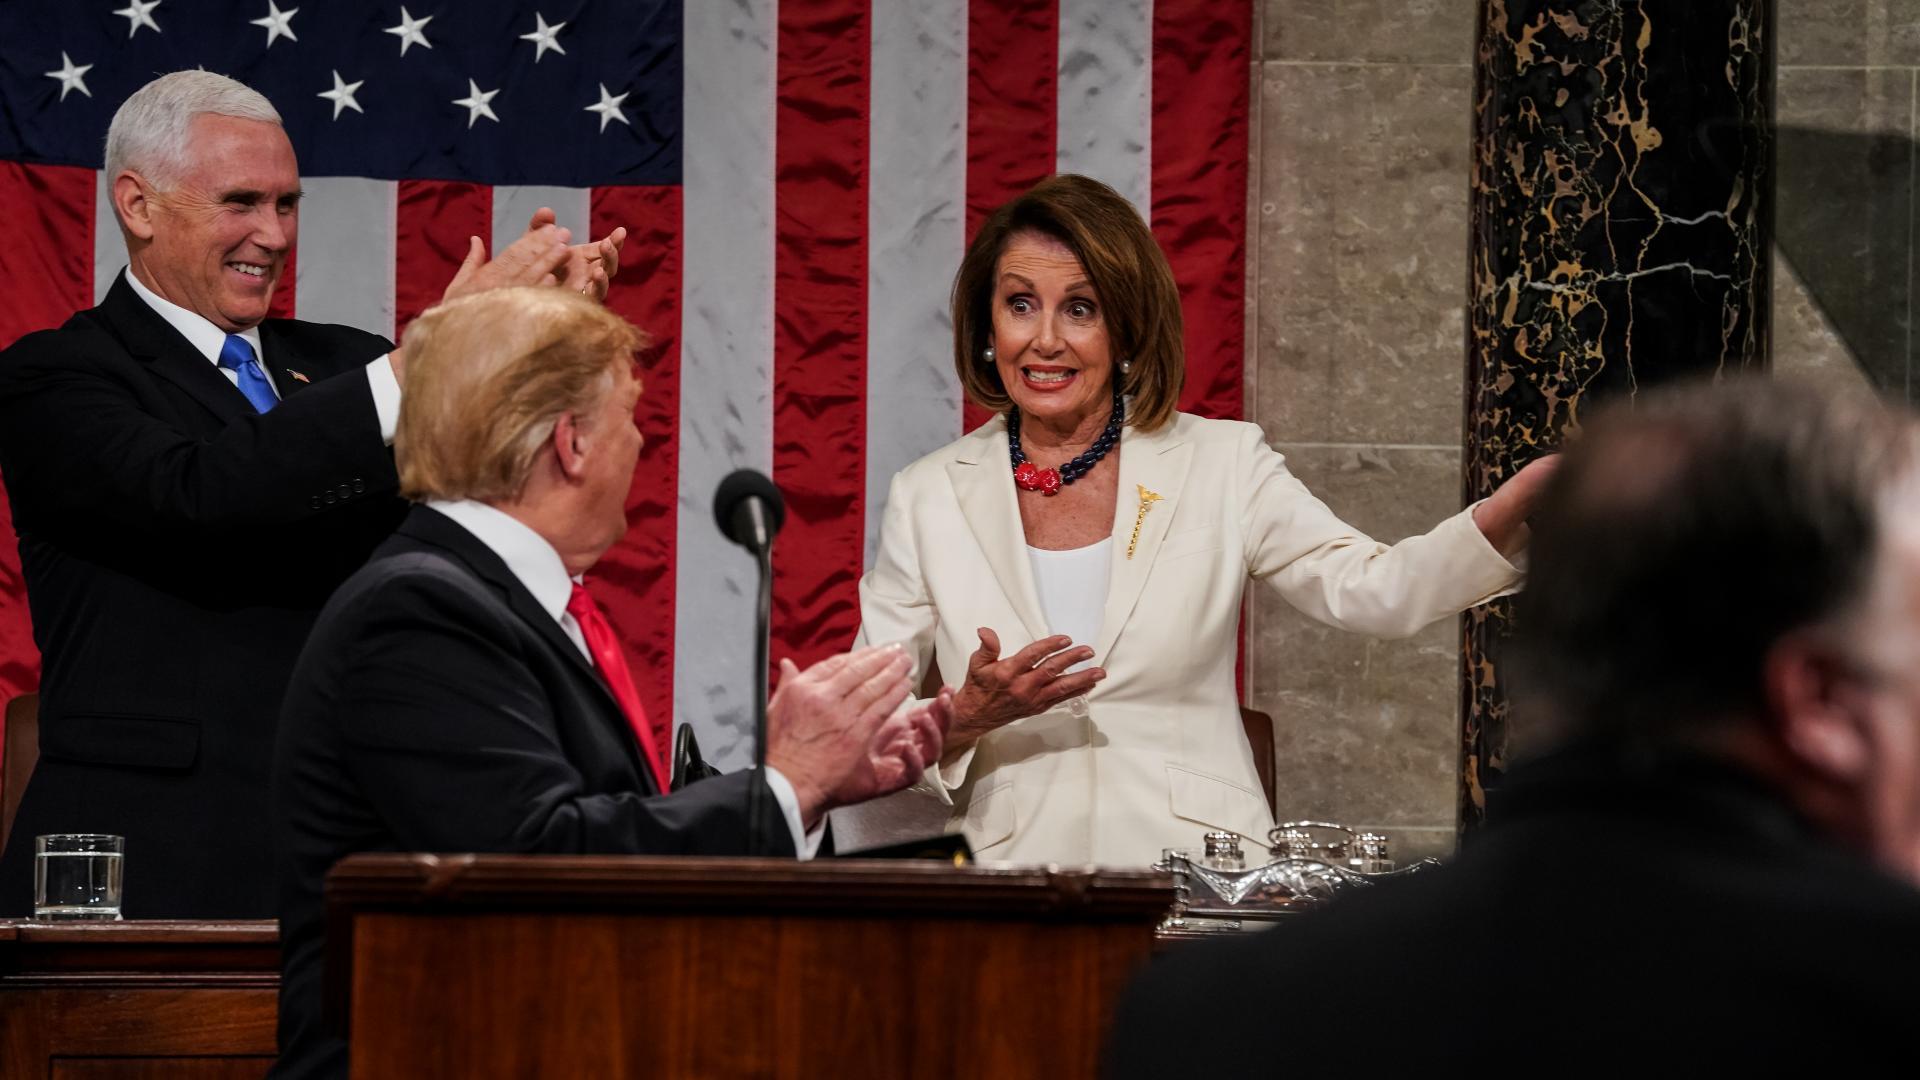 """ترامب يستعجل بإلقاء خطاب """"الاتحاد"""" قبل أن تقدمه بيلوسي.. وهذا ما قاله عن سوريا والجدار"""